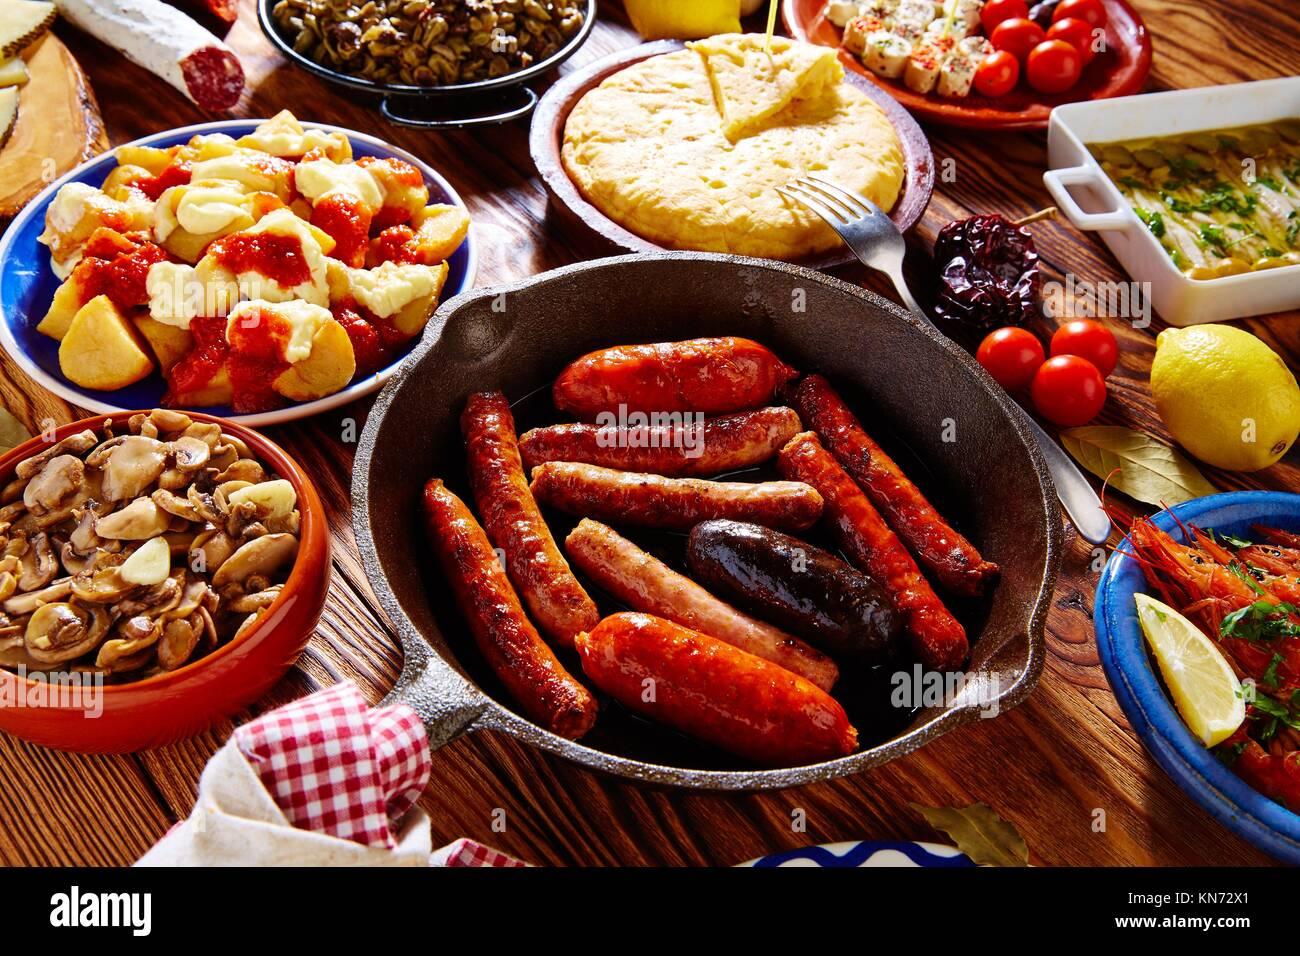 Les tapas typiques de l'Espagne. Photo Stock